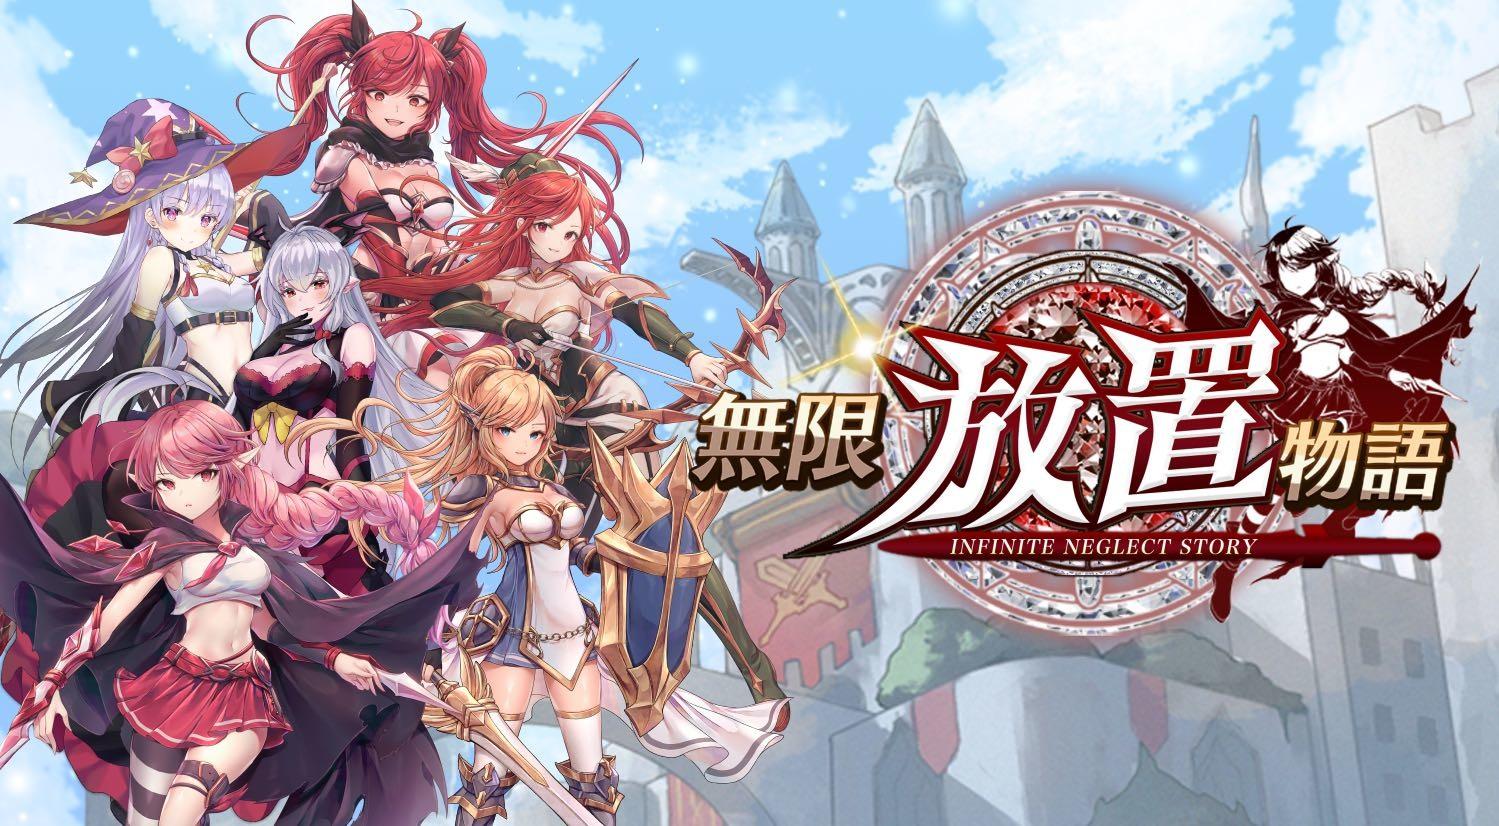 【ゲーム速報】放置系RPG「無限放置物語」美少女との冒険の旅を出よう?